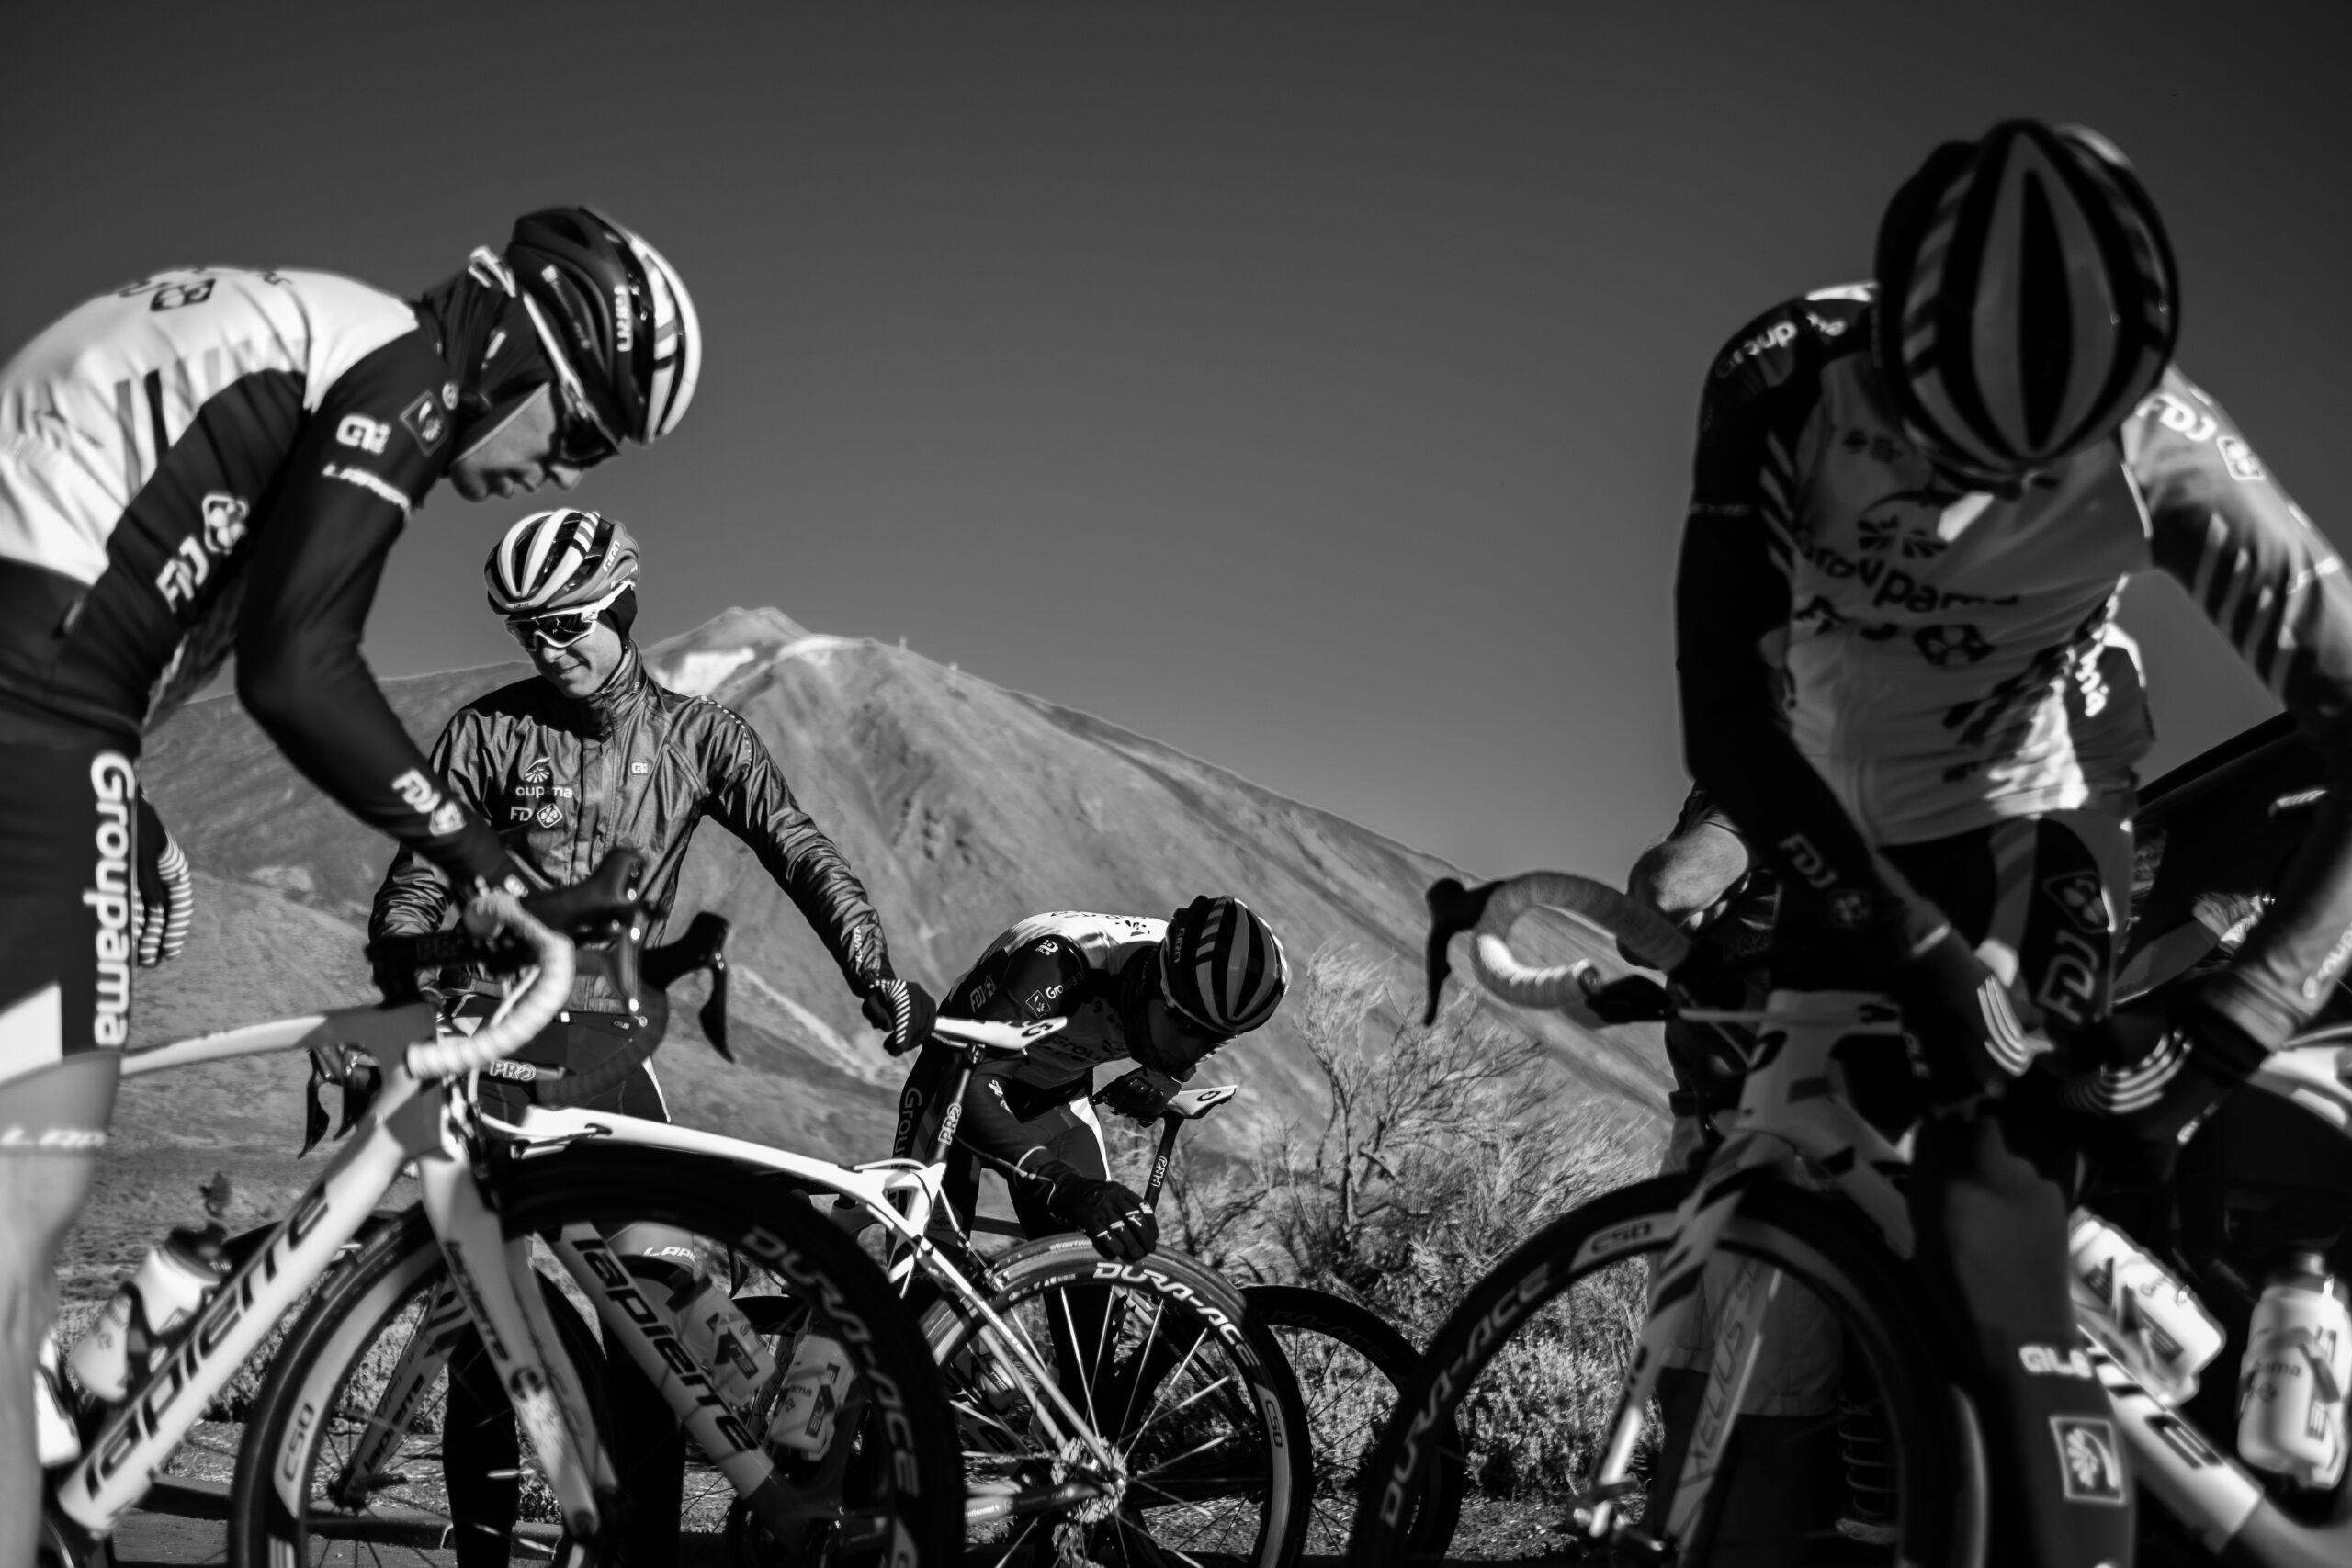 Primer Premio. Categoría: Deportes (Serie). El equipo Groupama- FDJ prepara sus bicicletas para la rutina de entrenamiento prevista para la mañana. Al fondo de la imagen el pico de El Teide. Enero 30, 2019. Las Cañadas del Teide. Tenerife.  Andrés Gutiérrez